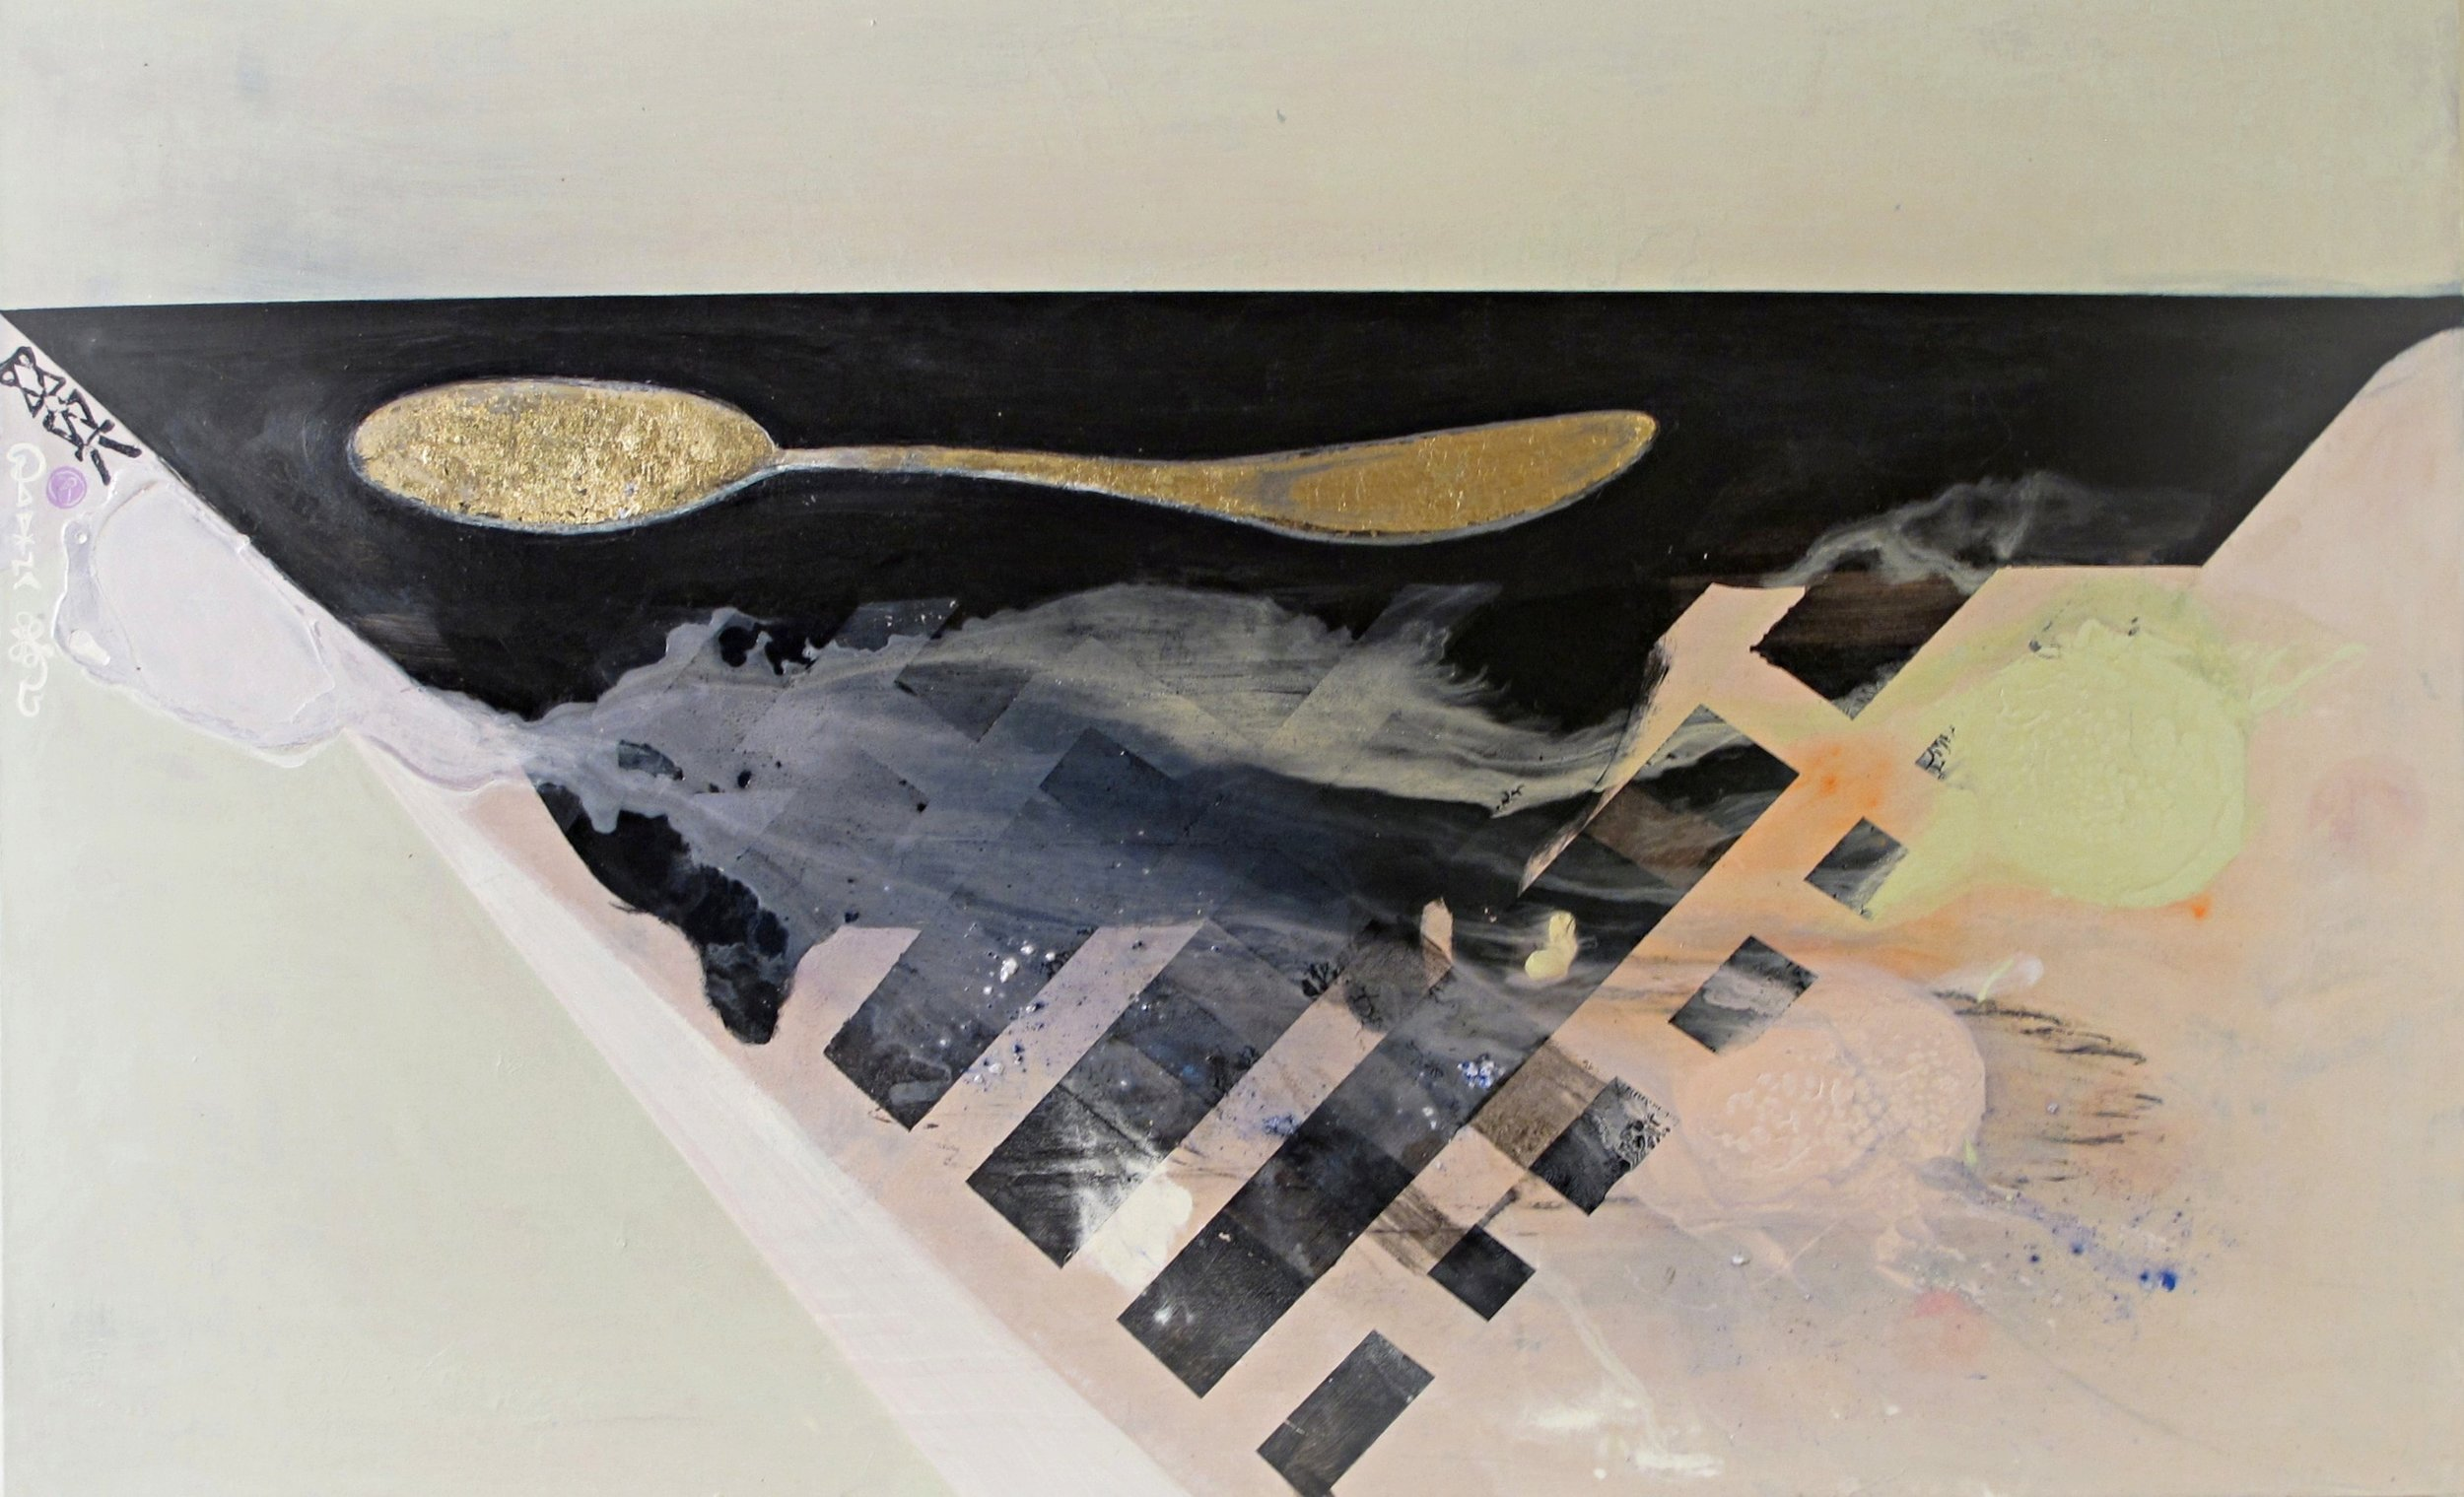 Golden spoon, 2011